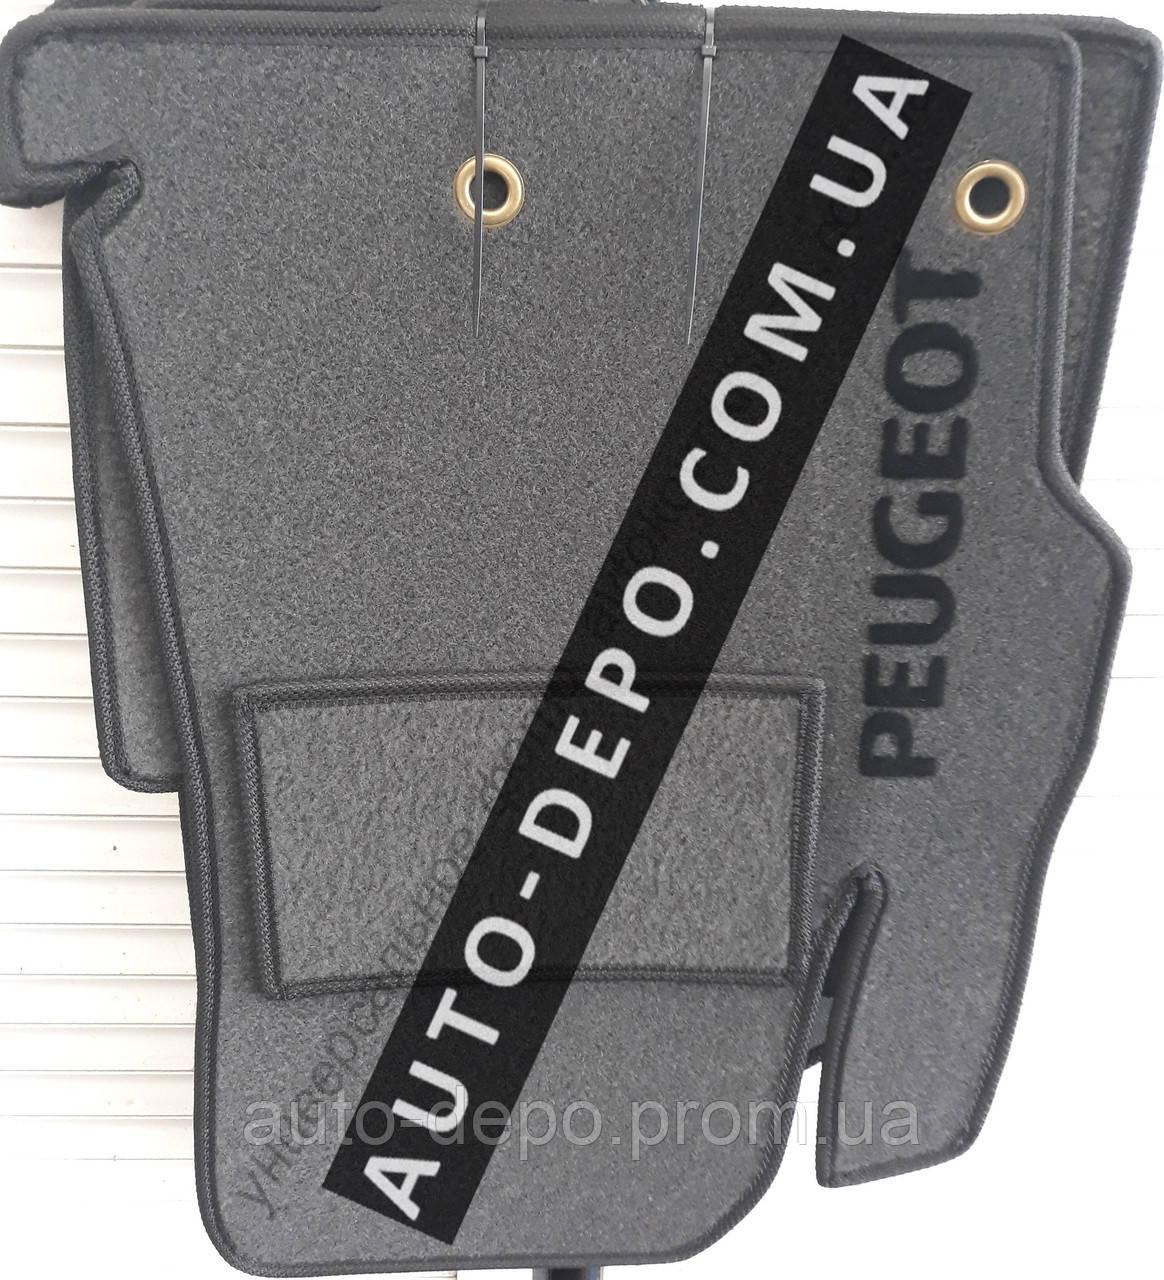 Ворсові килимки салону Peugeot 206 1998 - VIP ЛЮКС АВТО-ВОРС